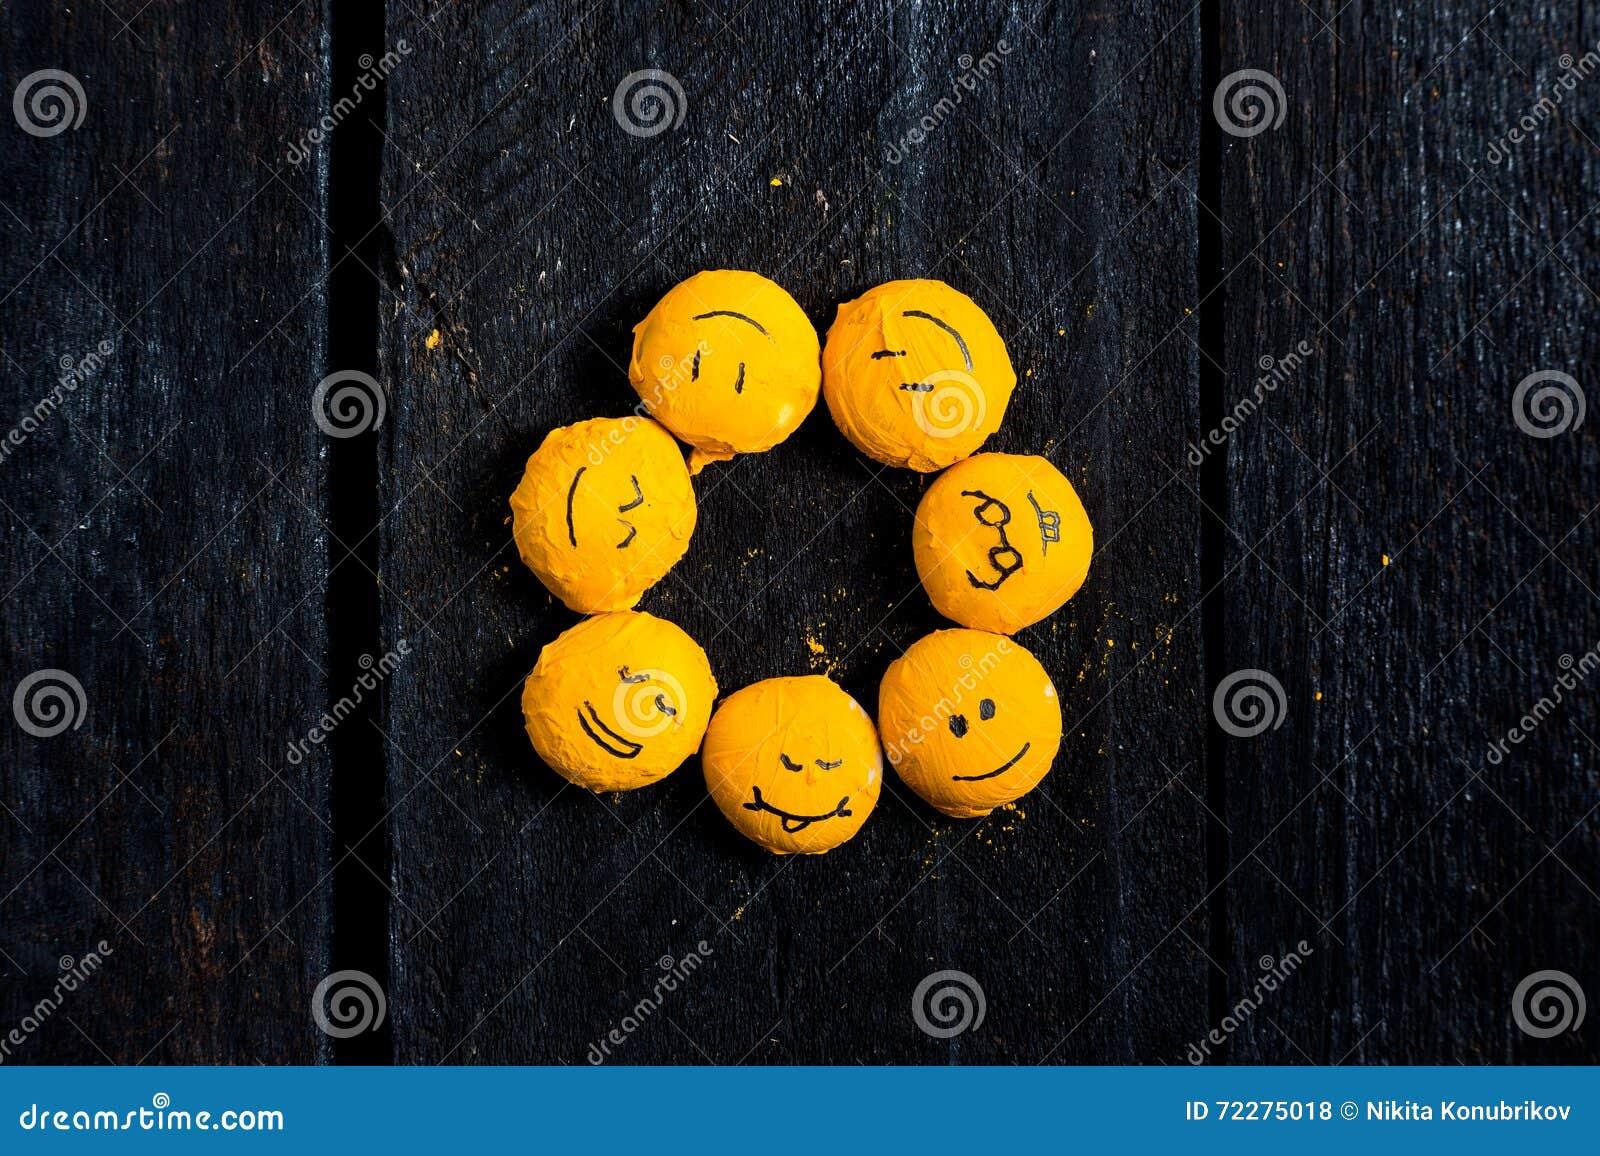 Download Желтая улыбка как солнце иллюстрация штока. иллюстрации насчитывающей шуточно - 72275018